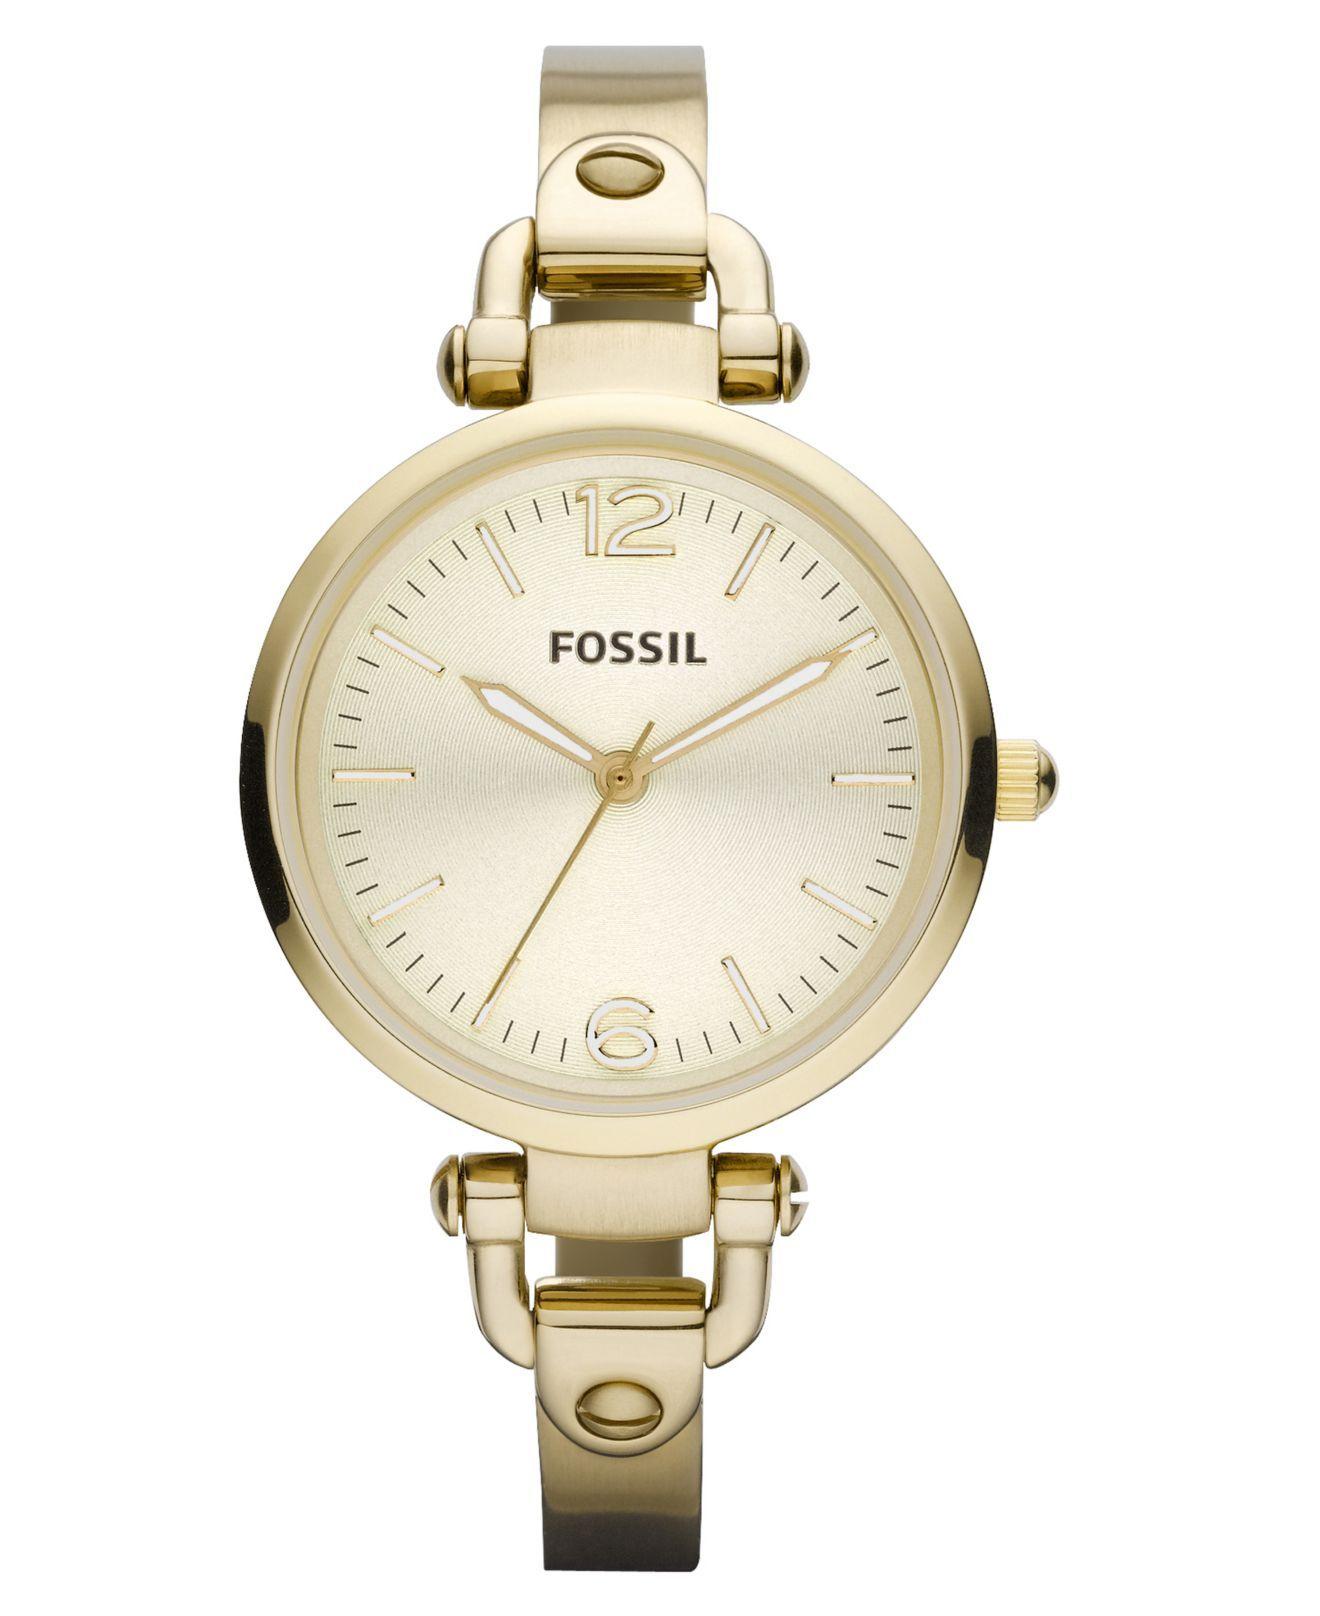 05dd3dc3b2c3 Fossil Watch